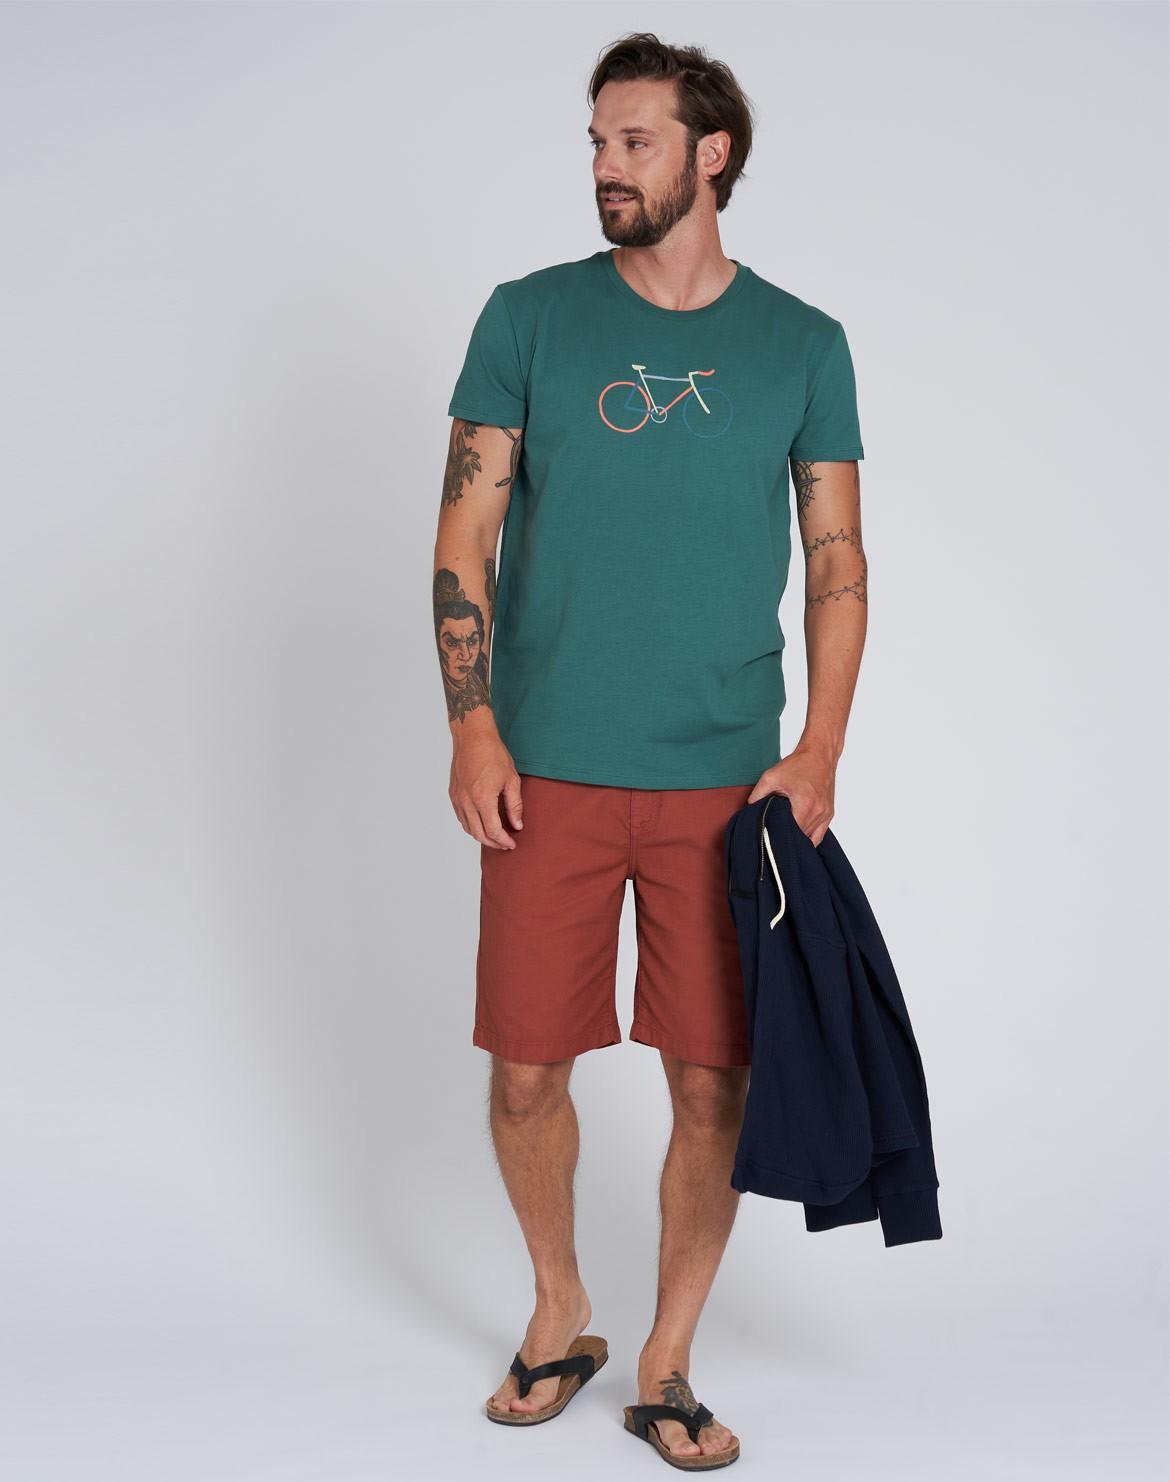 Bike Casual T-Shirt